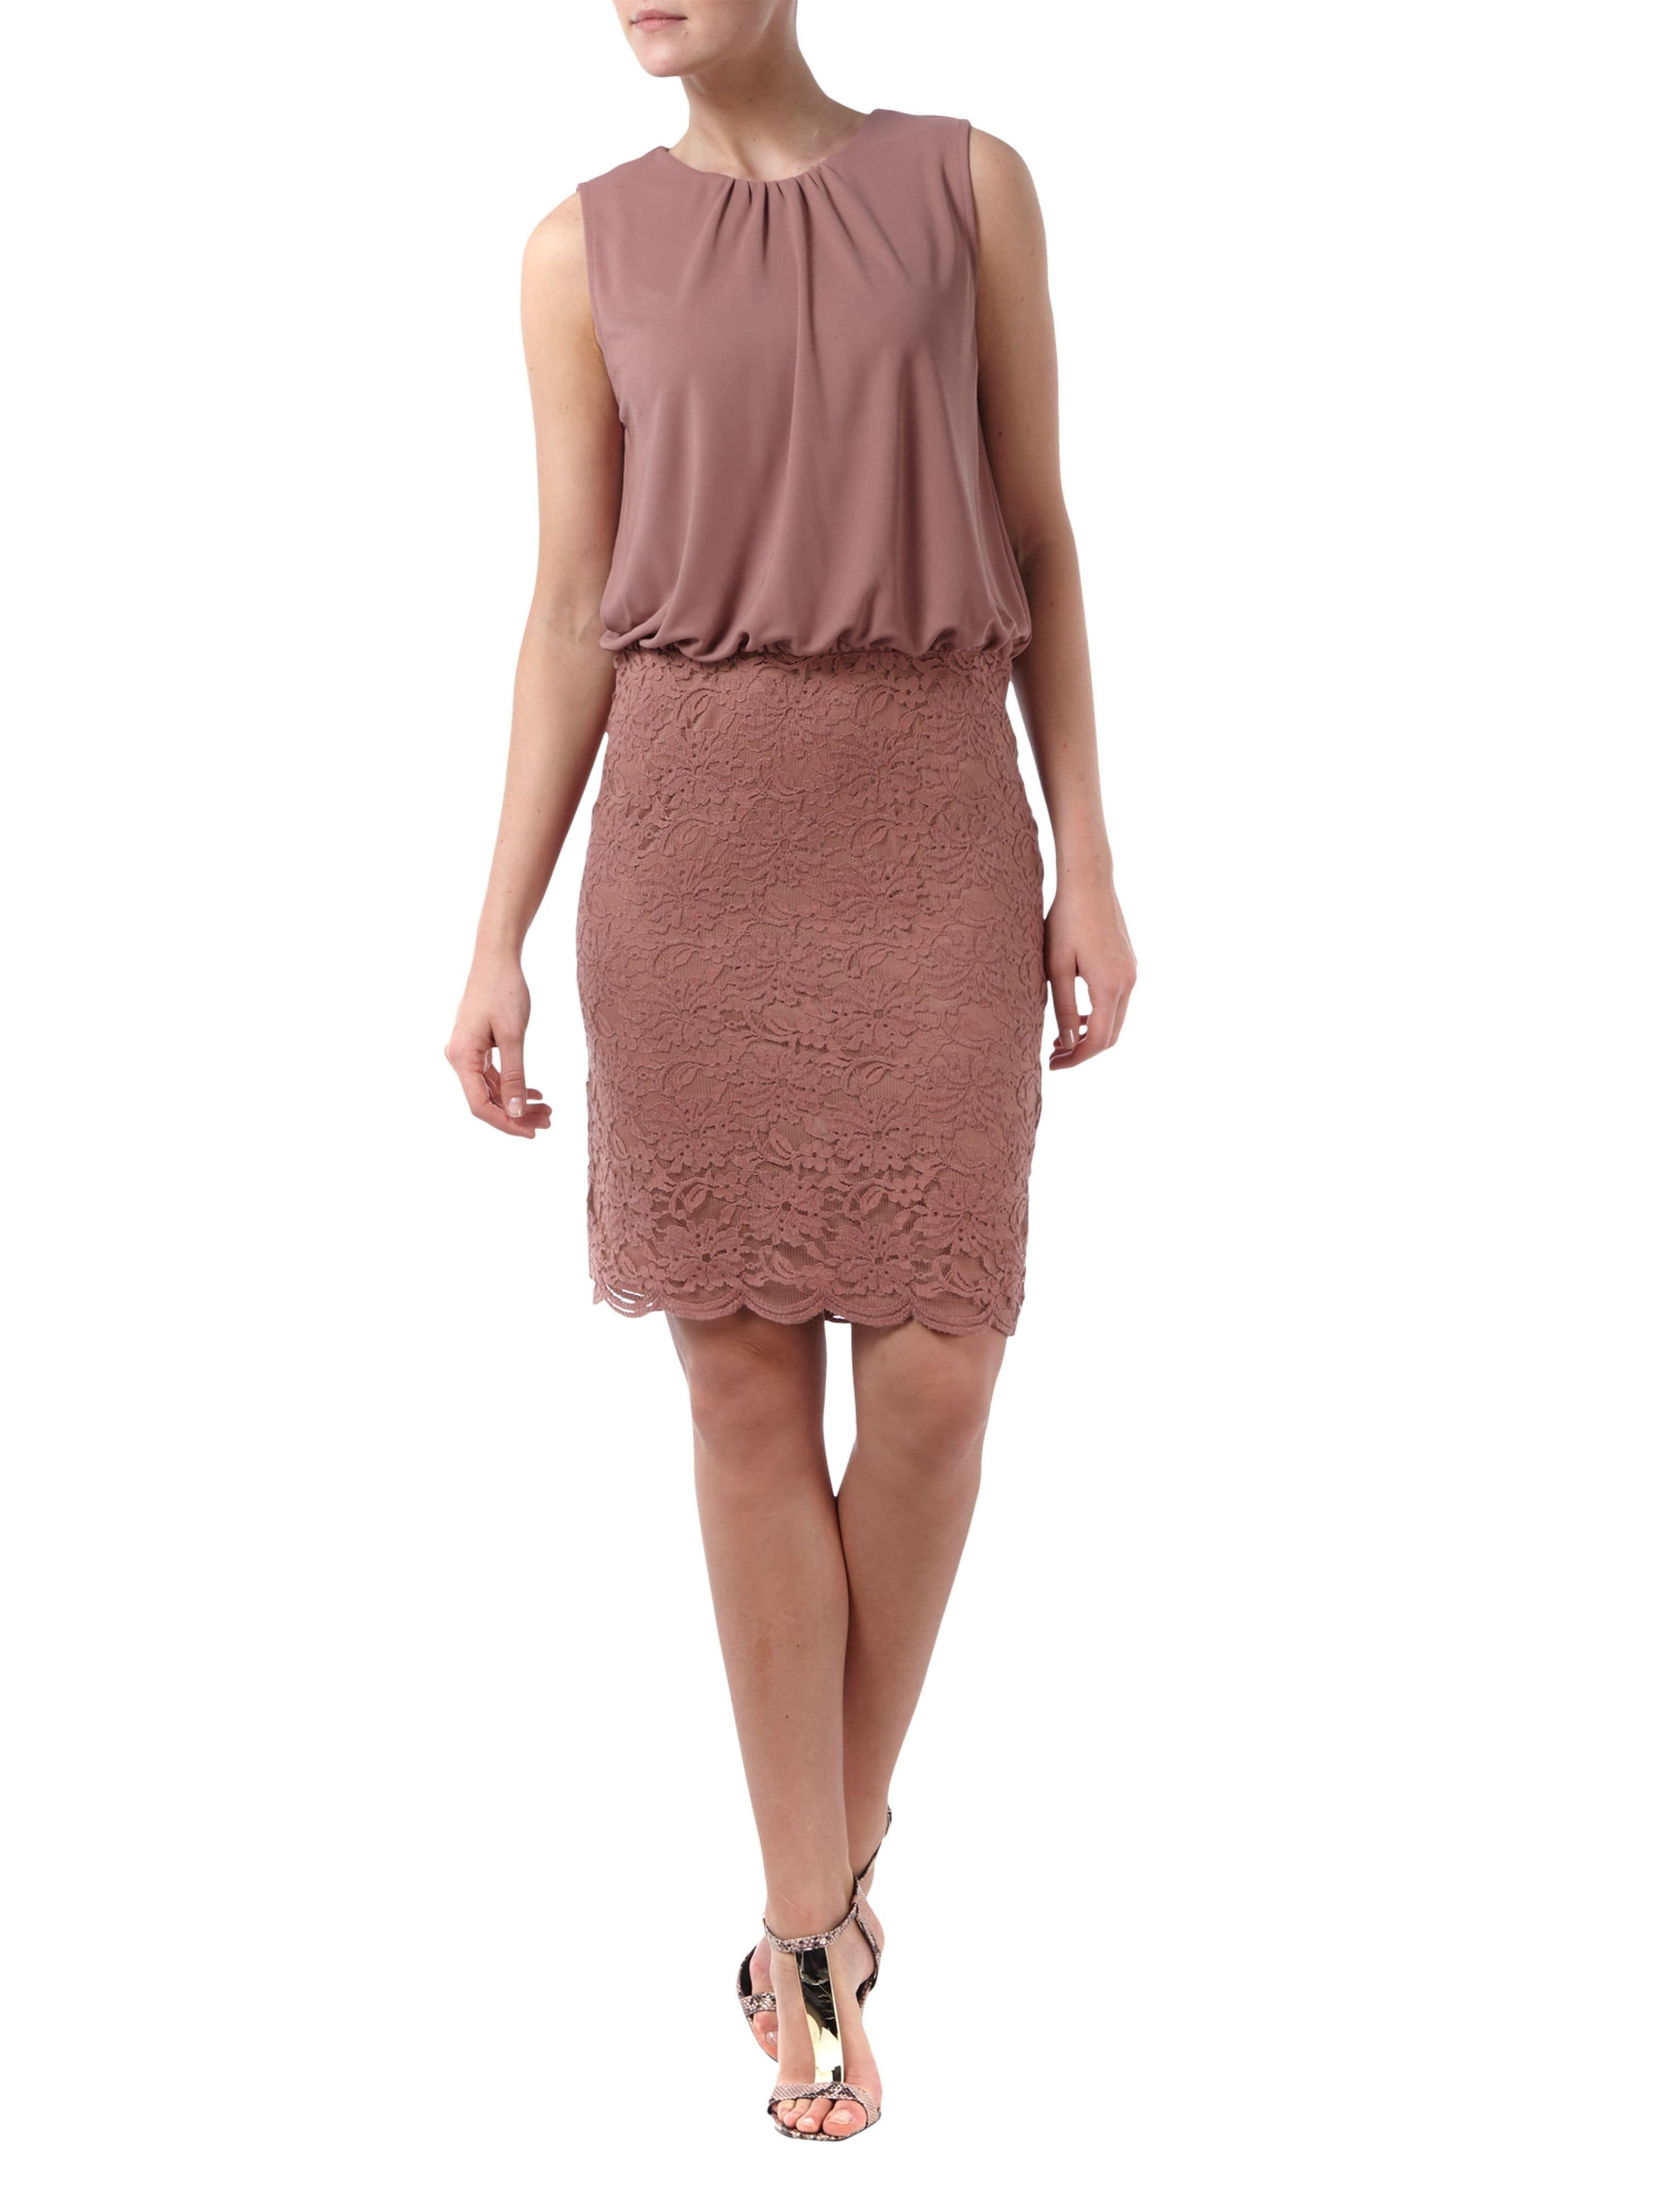 Formal Ausgezeichnet Kleid Spitze Altrosa Bester Preis17 Erstaunlich Kleid Spitze Altrosa Bester Preis